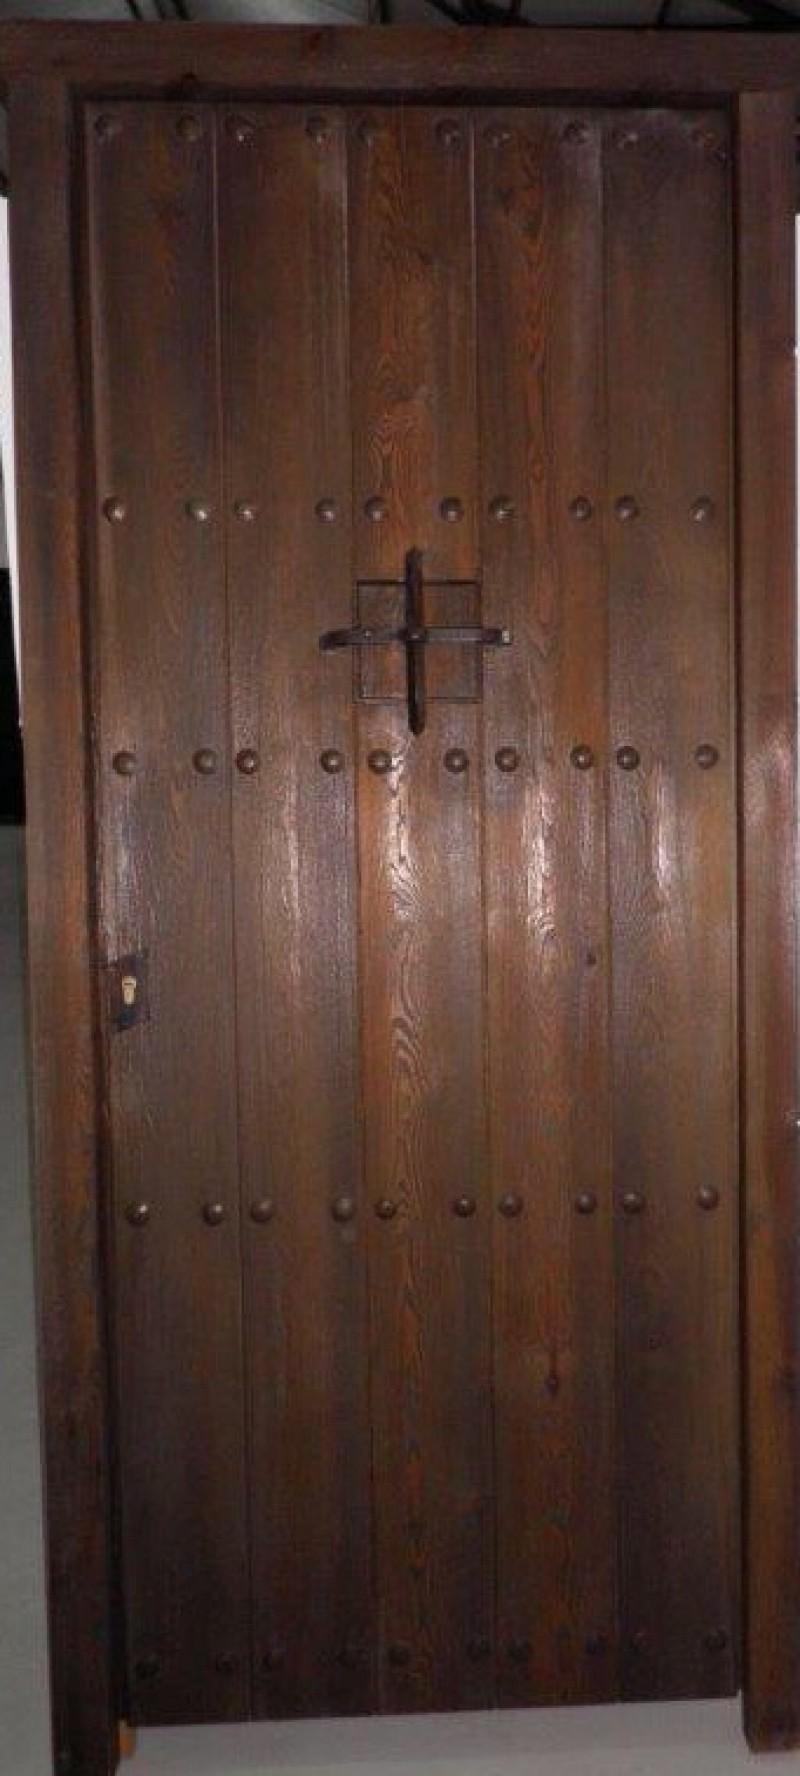 Puerta de madera pintada. Con ventano pequeño. Mide: 94x 2,10 cm